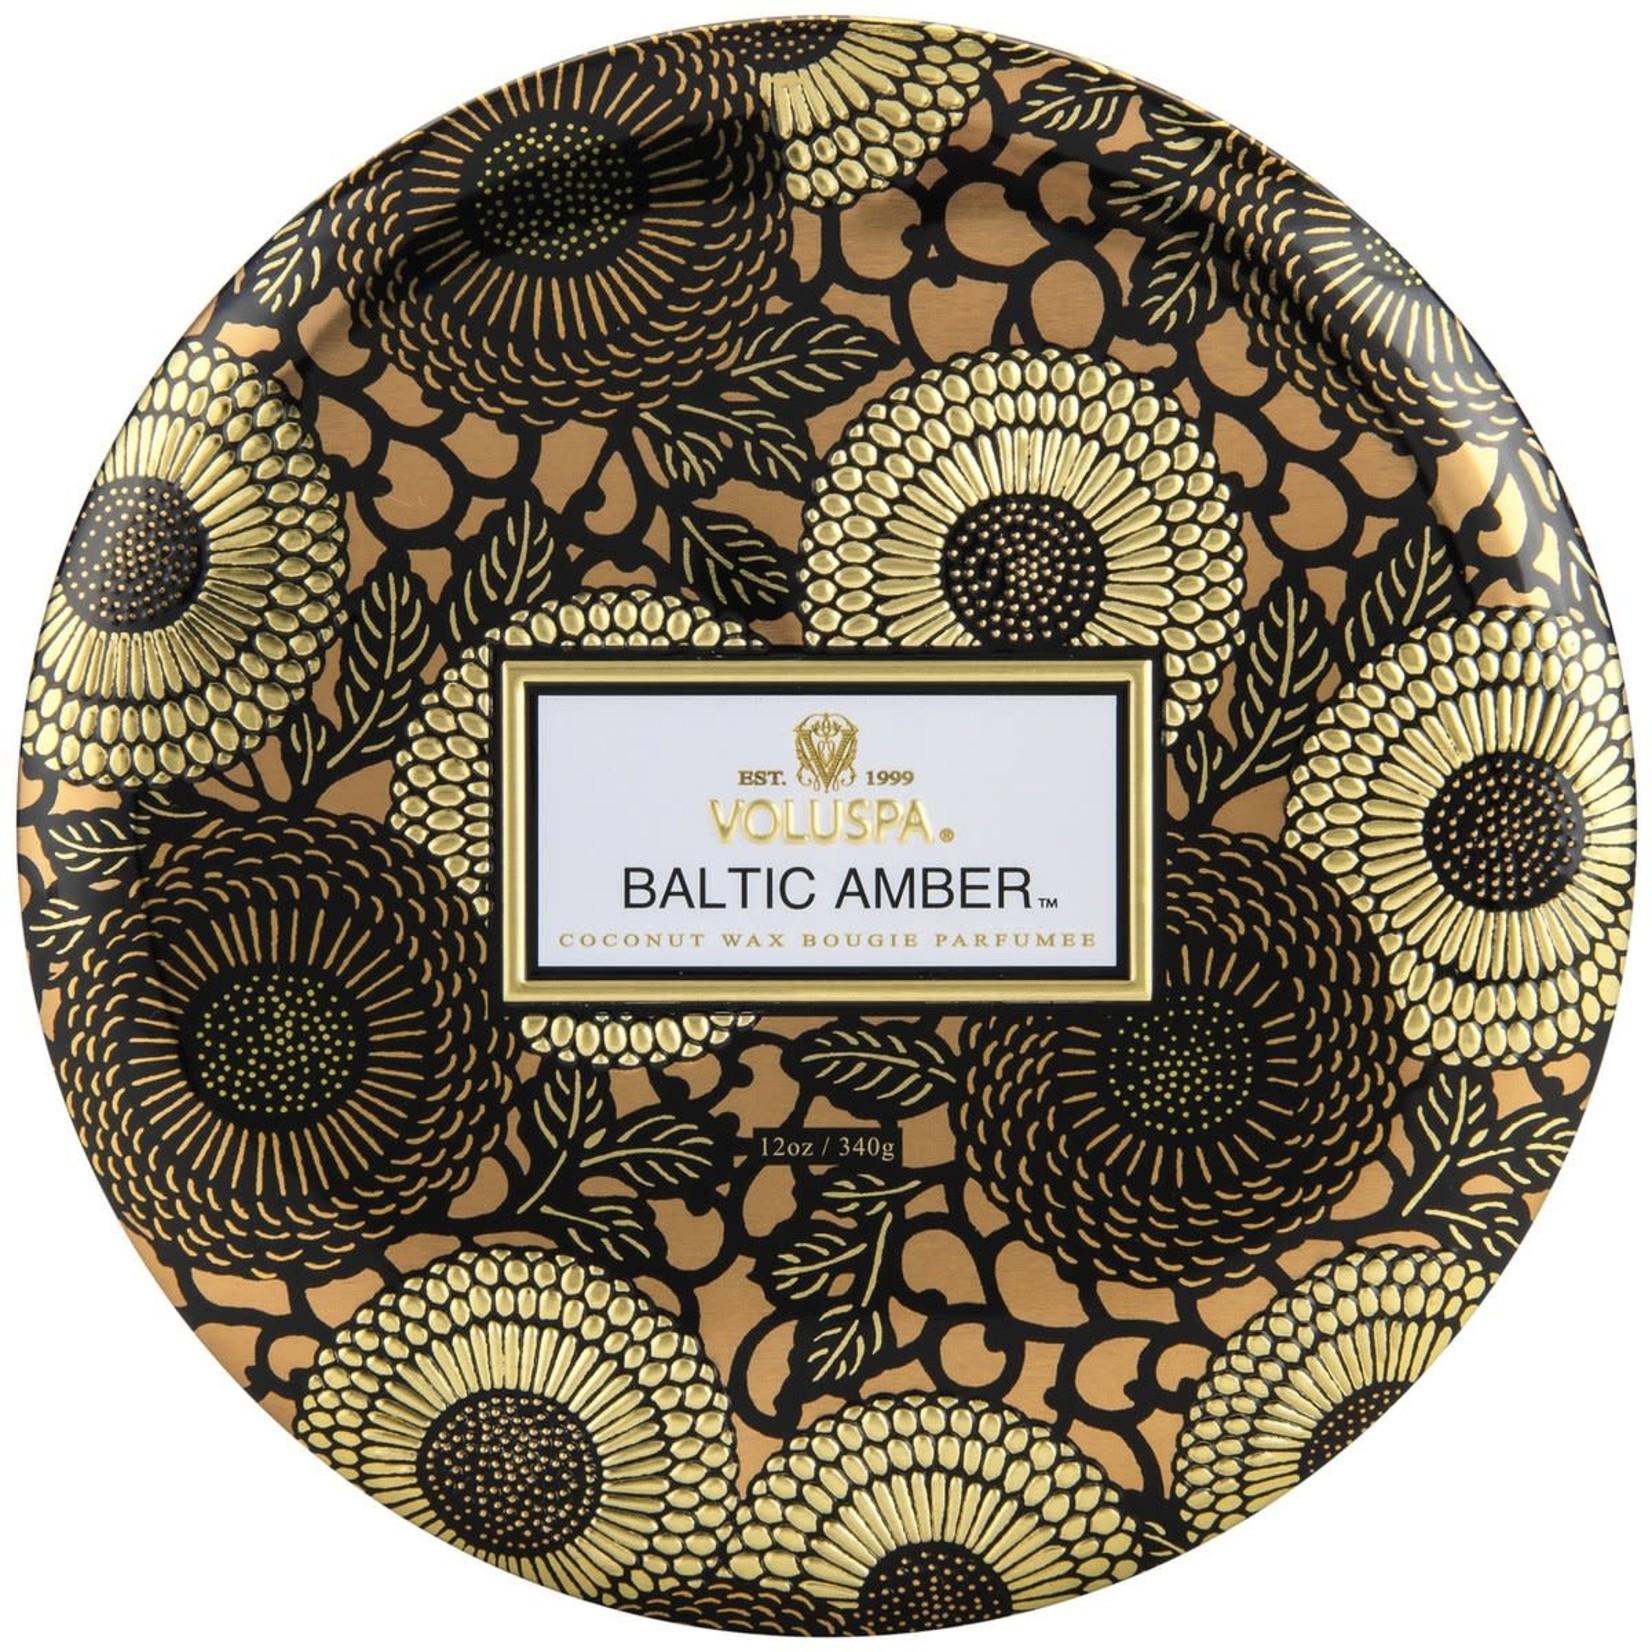 Voluspa Baltic Amber 3-Wick Tin Candle